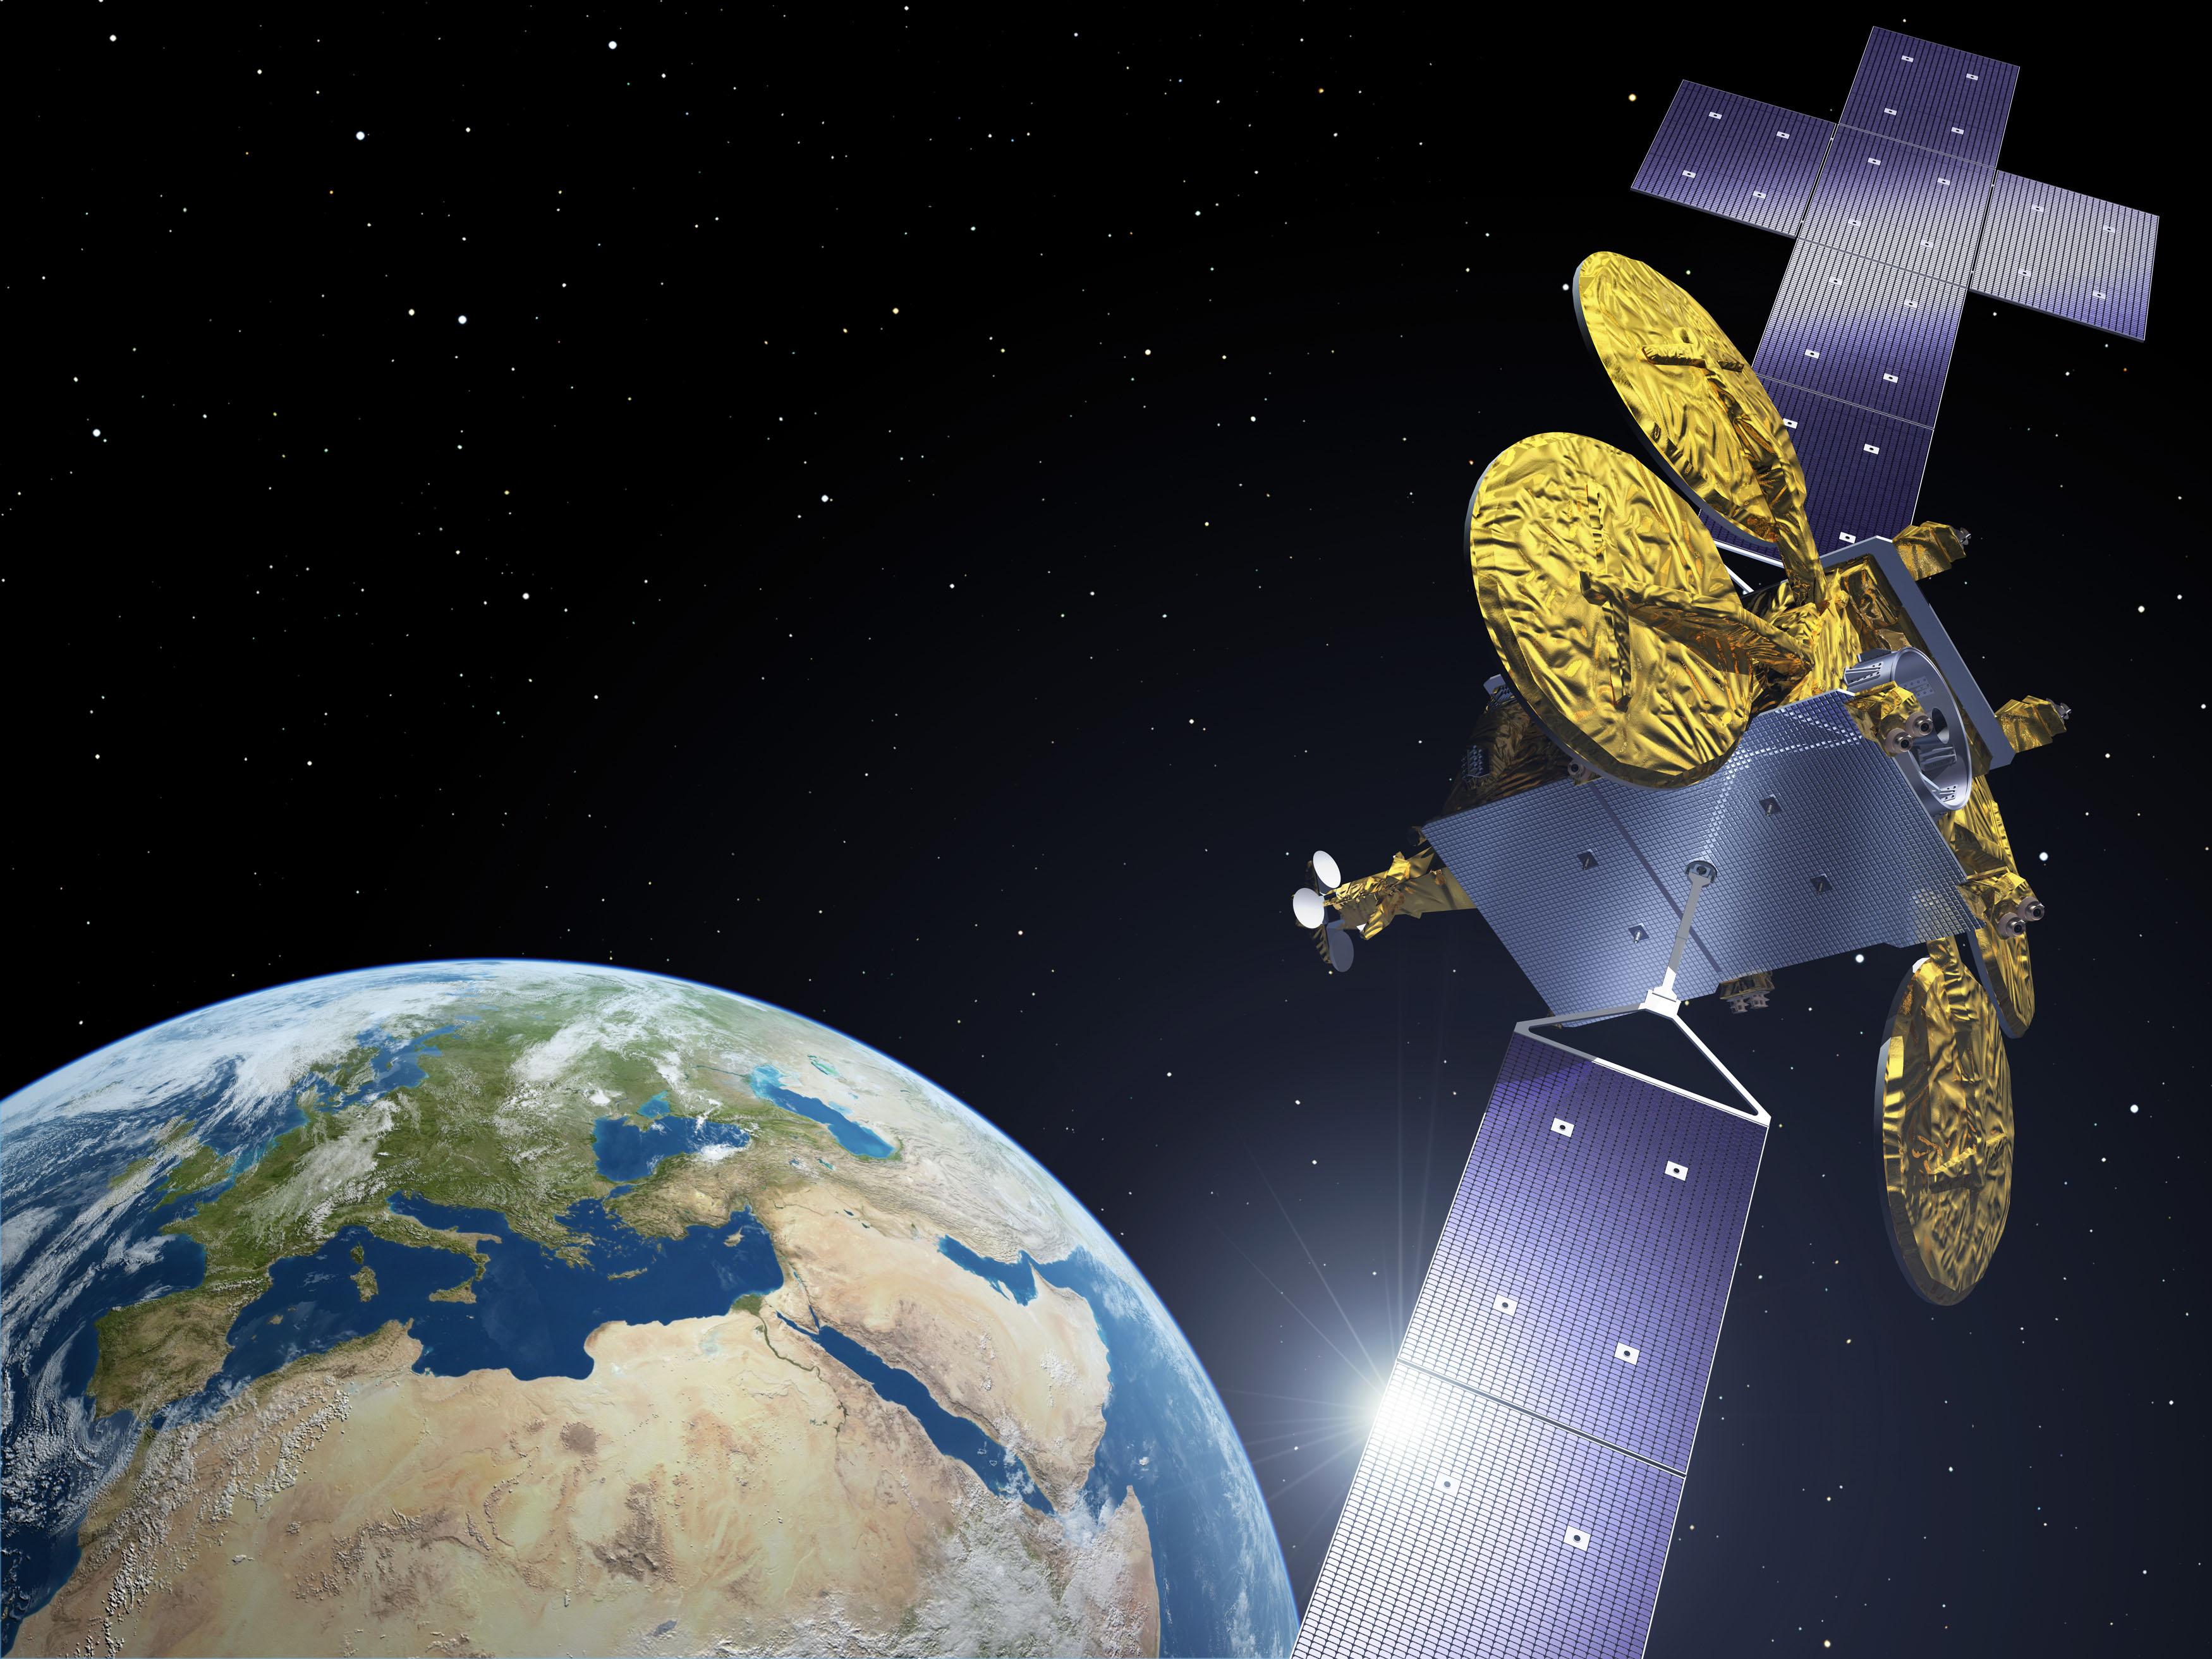 Platforma satelitarna Eurostar Neo otrzymuje polskie wsparcie